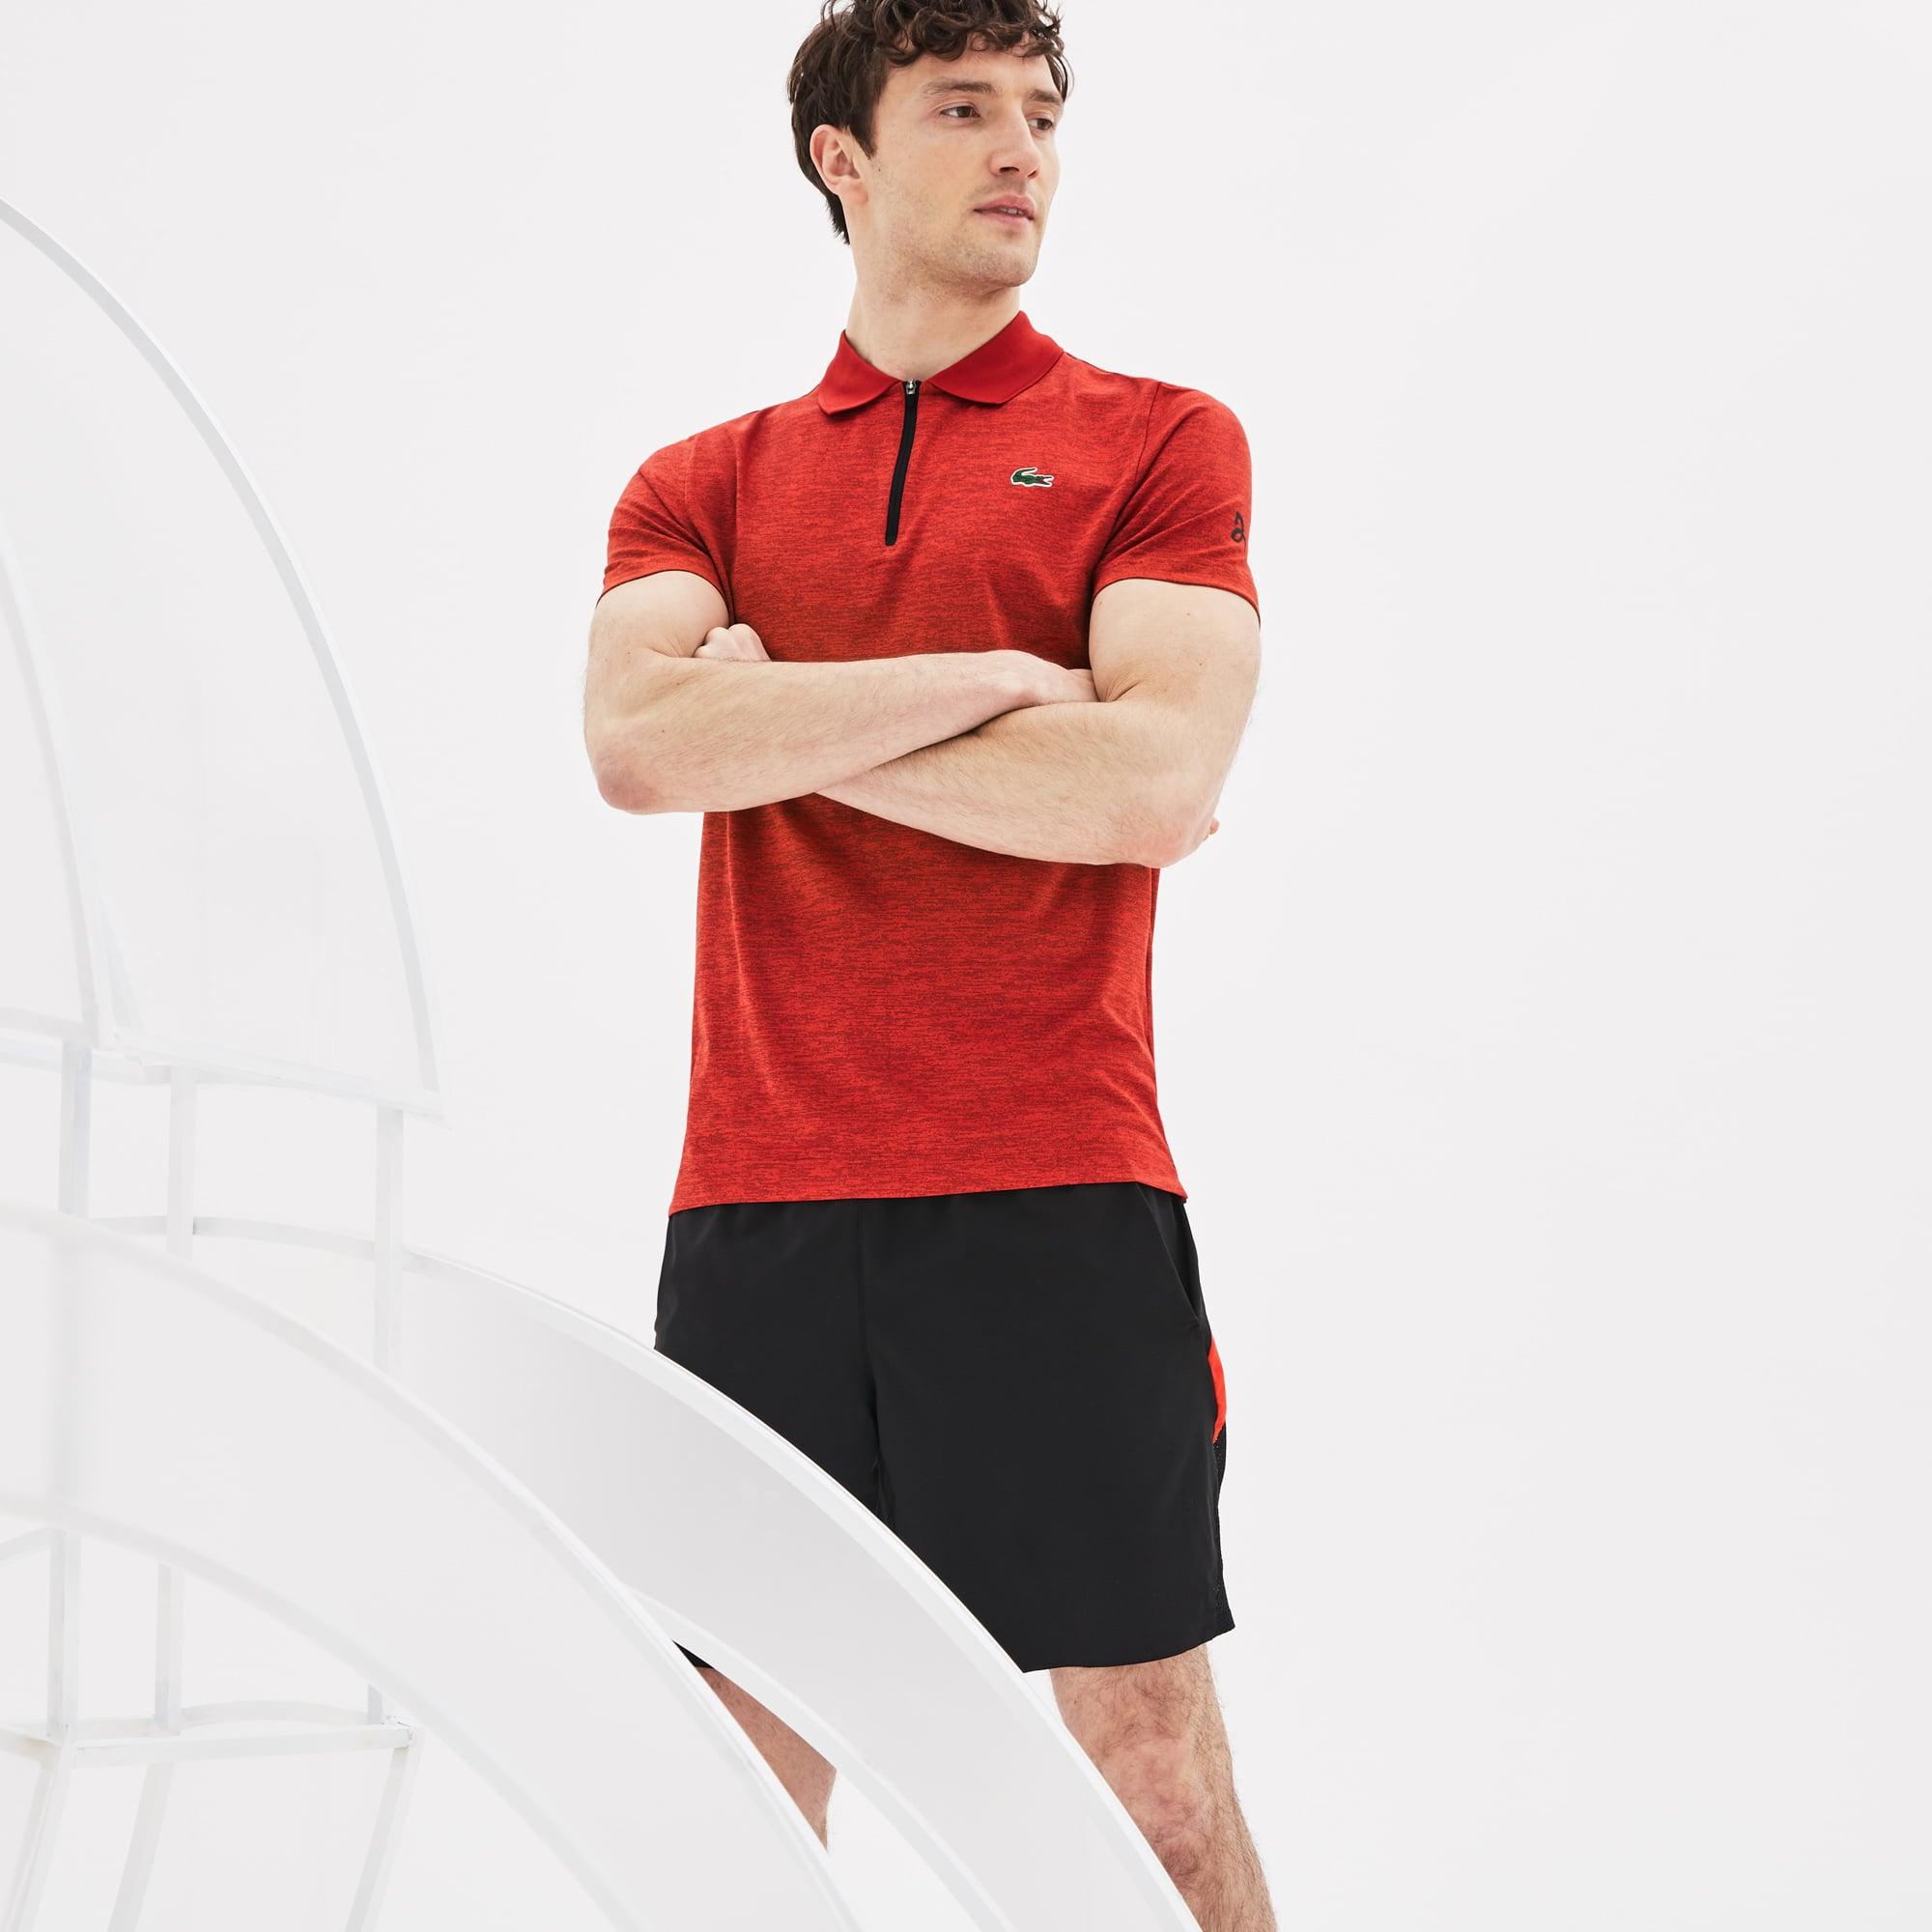 cfbe81eae + 1 color. 40% off. Men's SPORT Novak Djokovic Collection Tech Jersey Polo